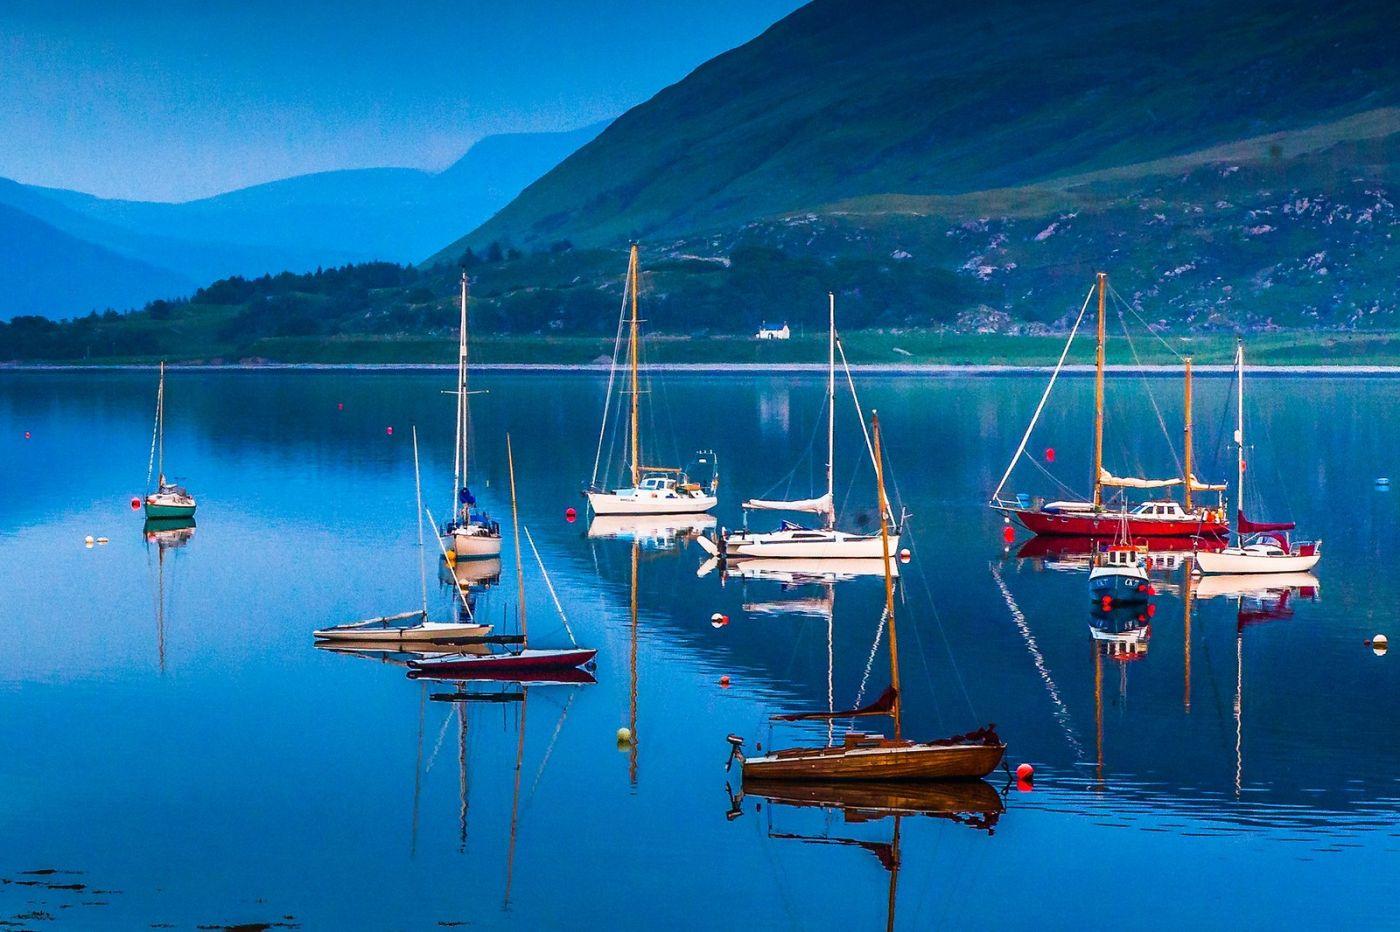 苏格兰阿勒浦(Ullapool),如镜的湖面_图1-20